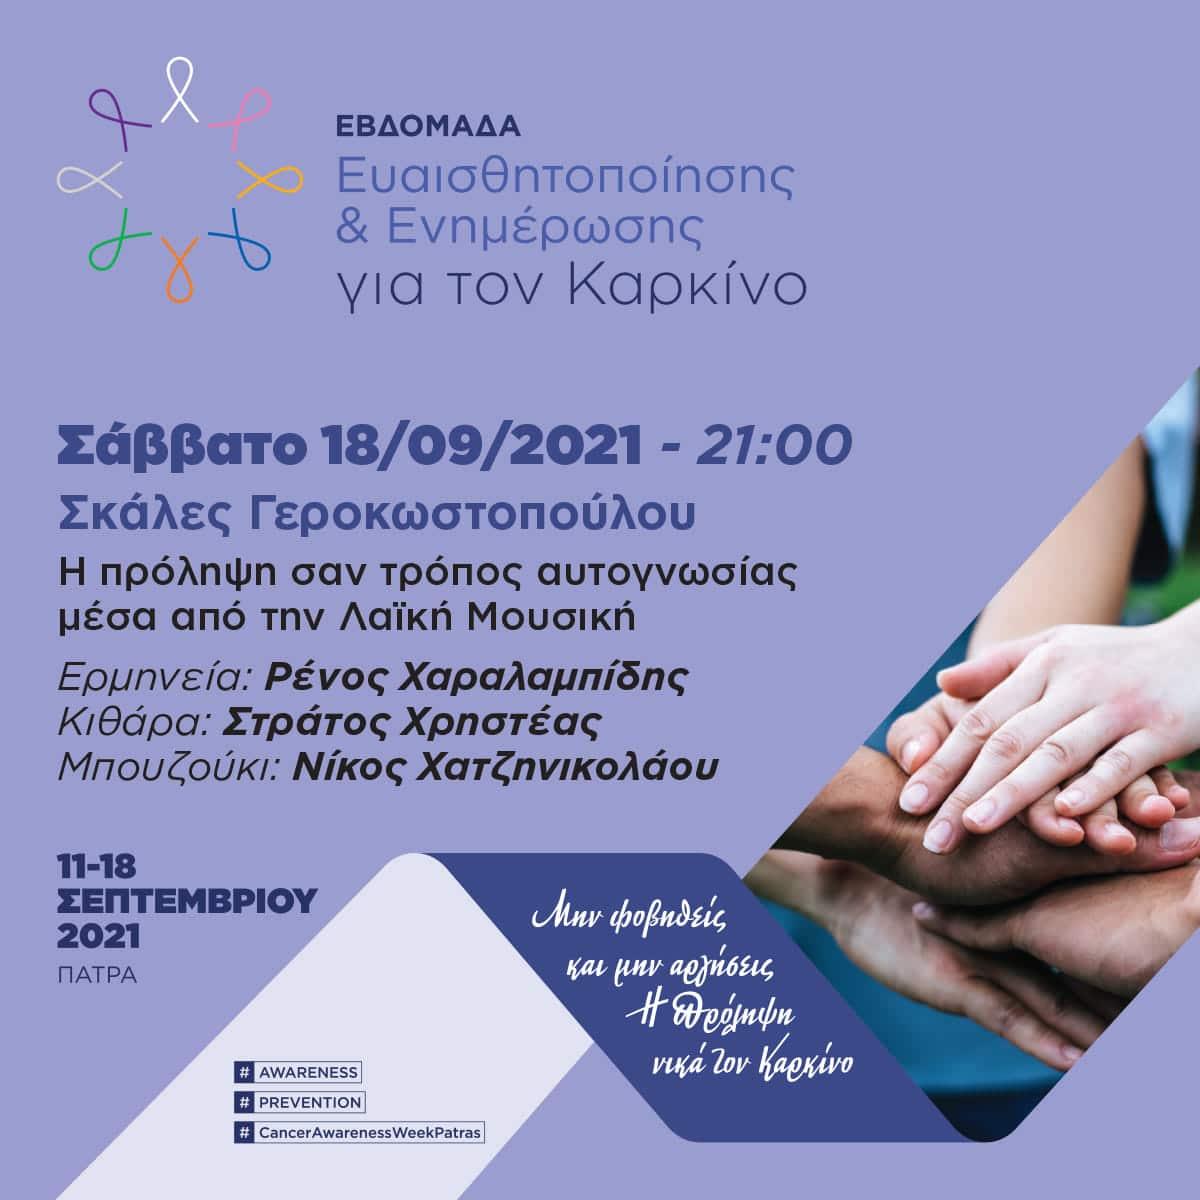 Πάτρα: Σήμερα το βράδυ στα σκαλιά της Γεροκωστοπούλου ο Ρένος Χαραλαμπίδης τραγουδά για την πρόληψη